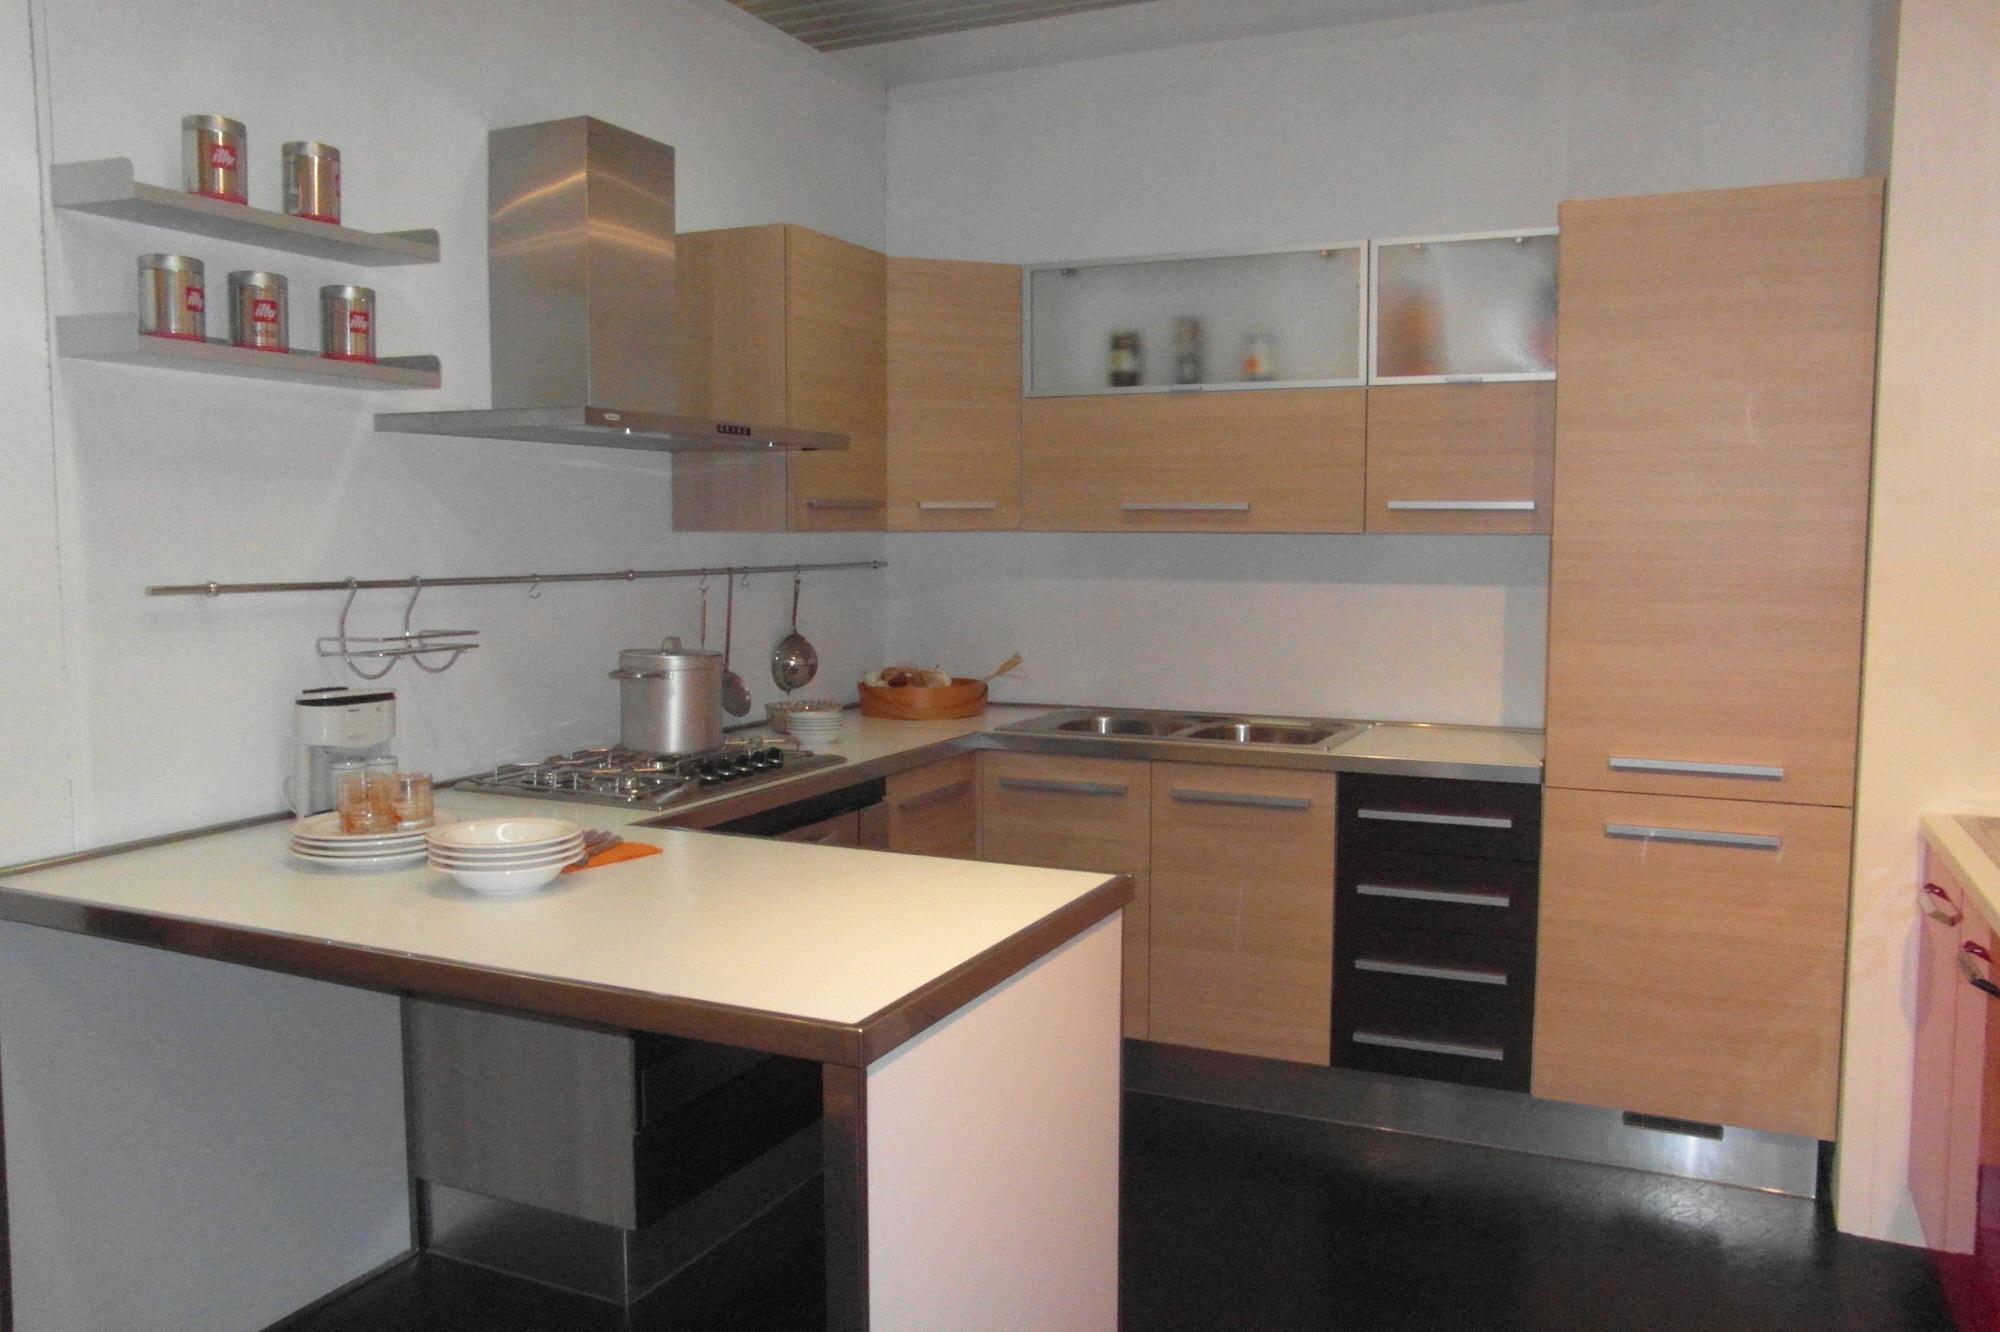 Interessante Cucine Moderne Legno Chiaro KH52 ~ Pineglen